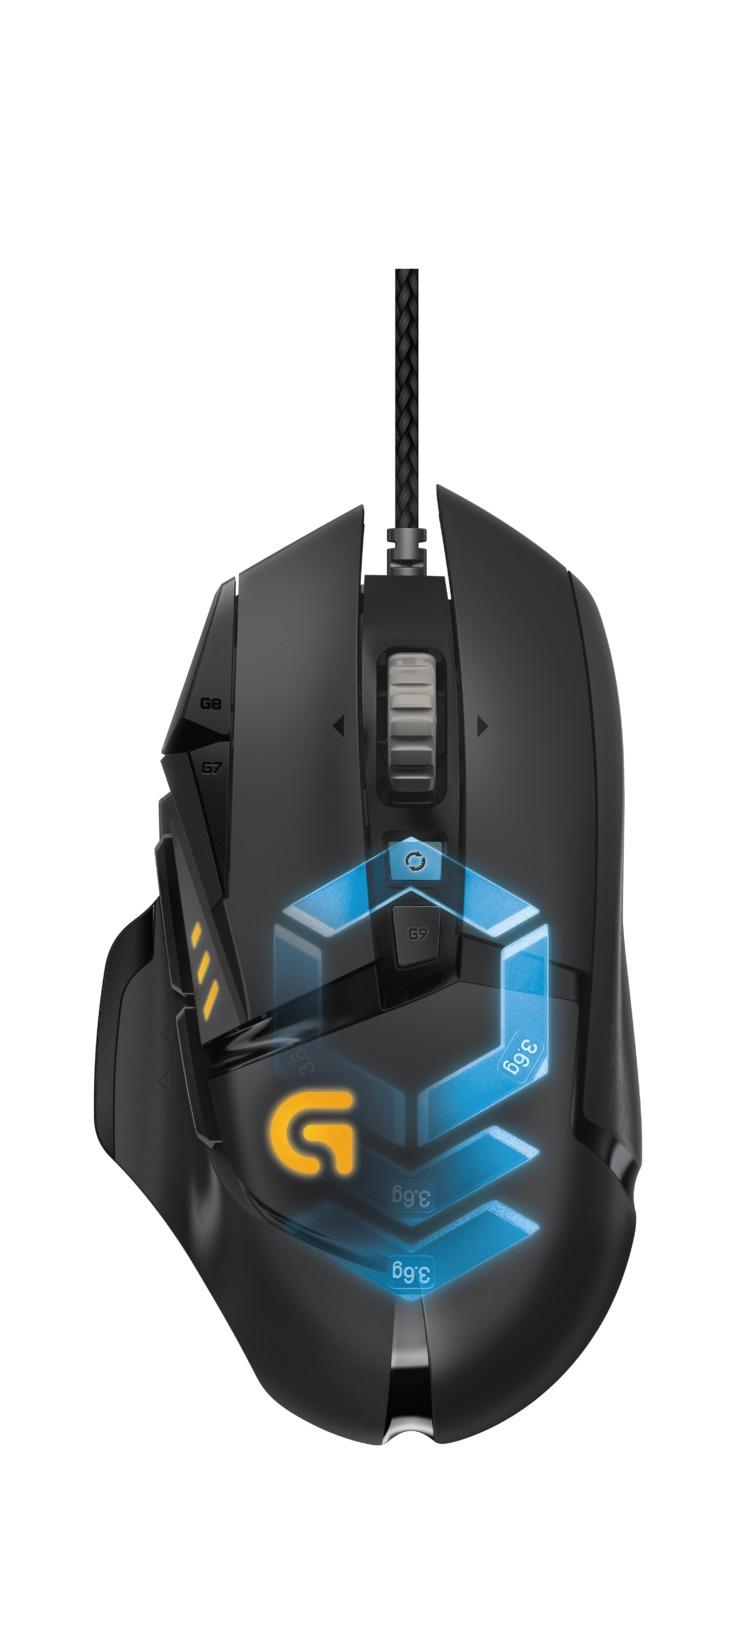 b8589bd5057 Logitech Announces New G502 Proteus Spectrum Gaming Mouse | Logitech ...